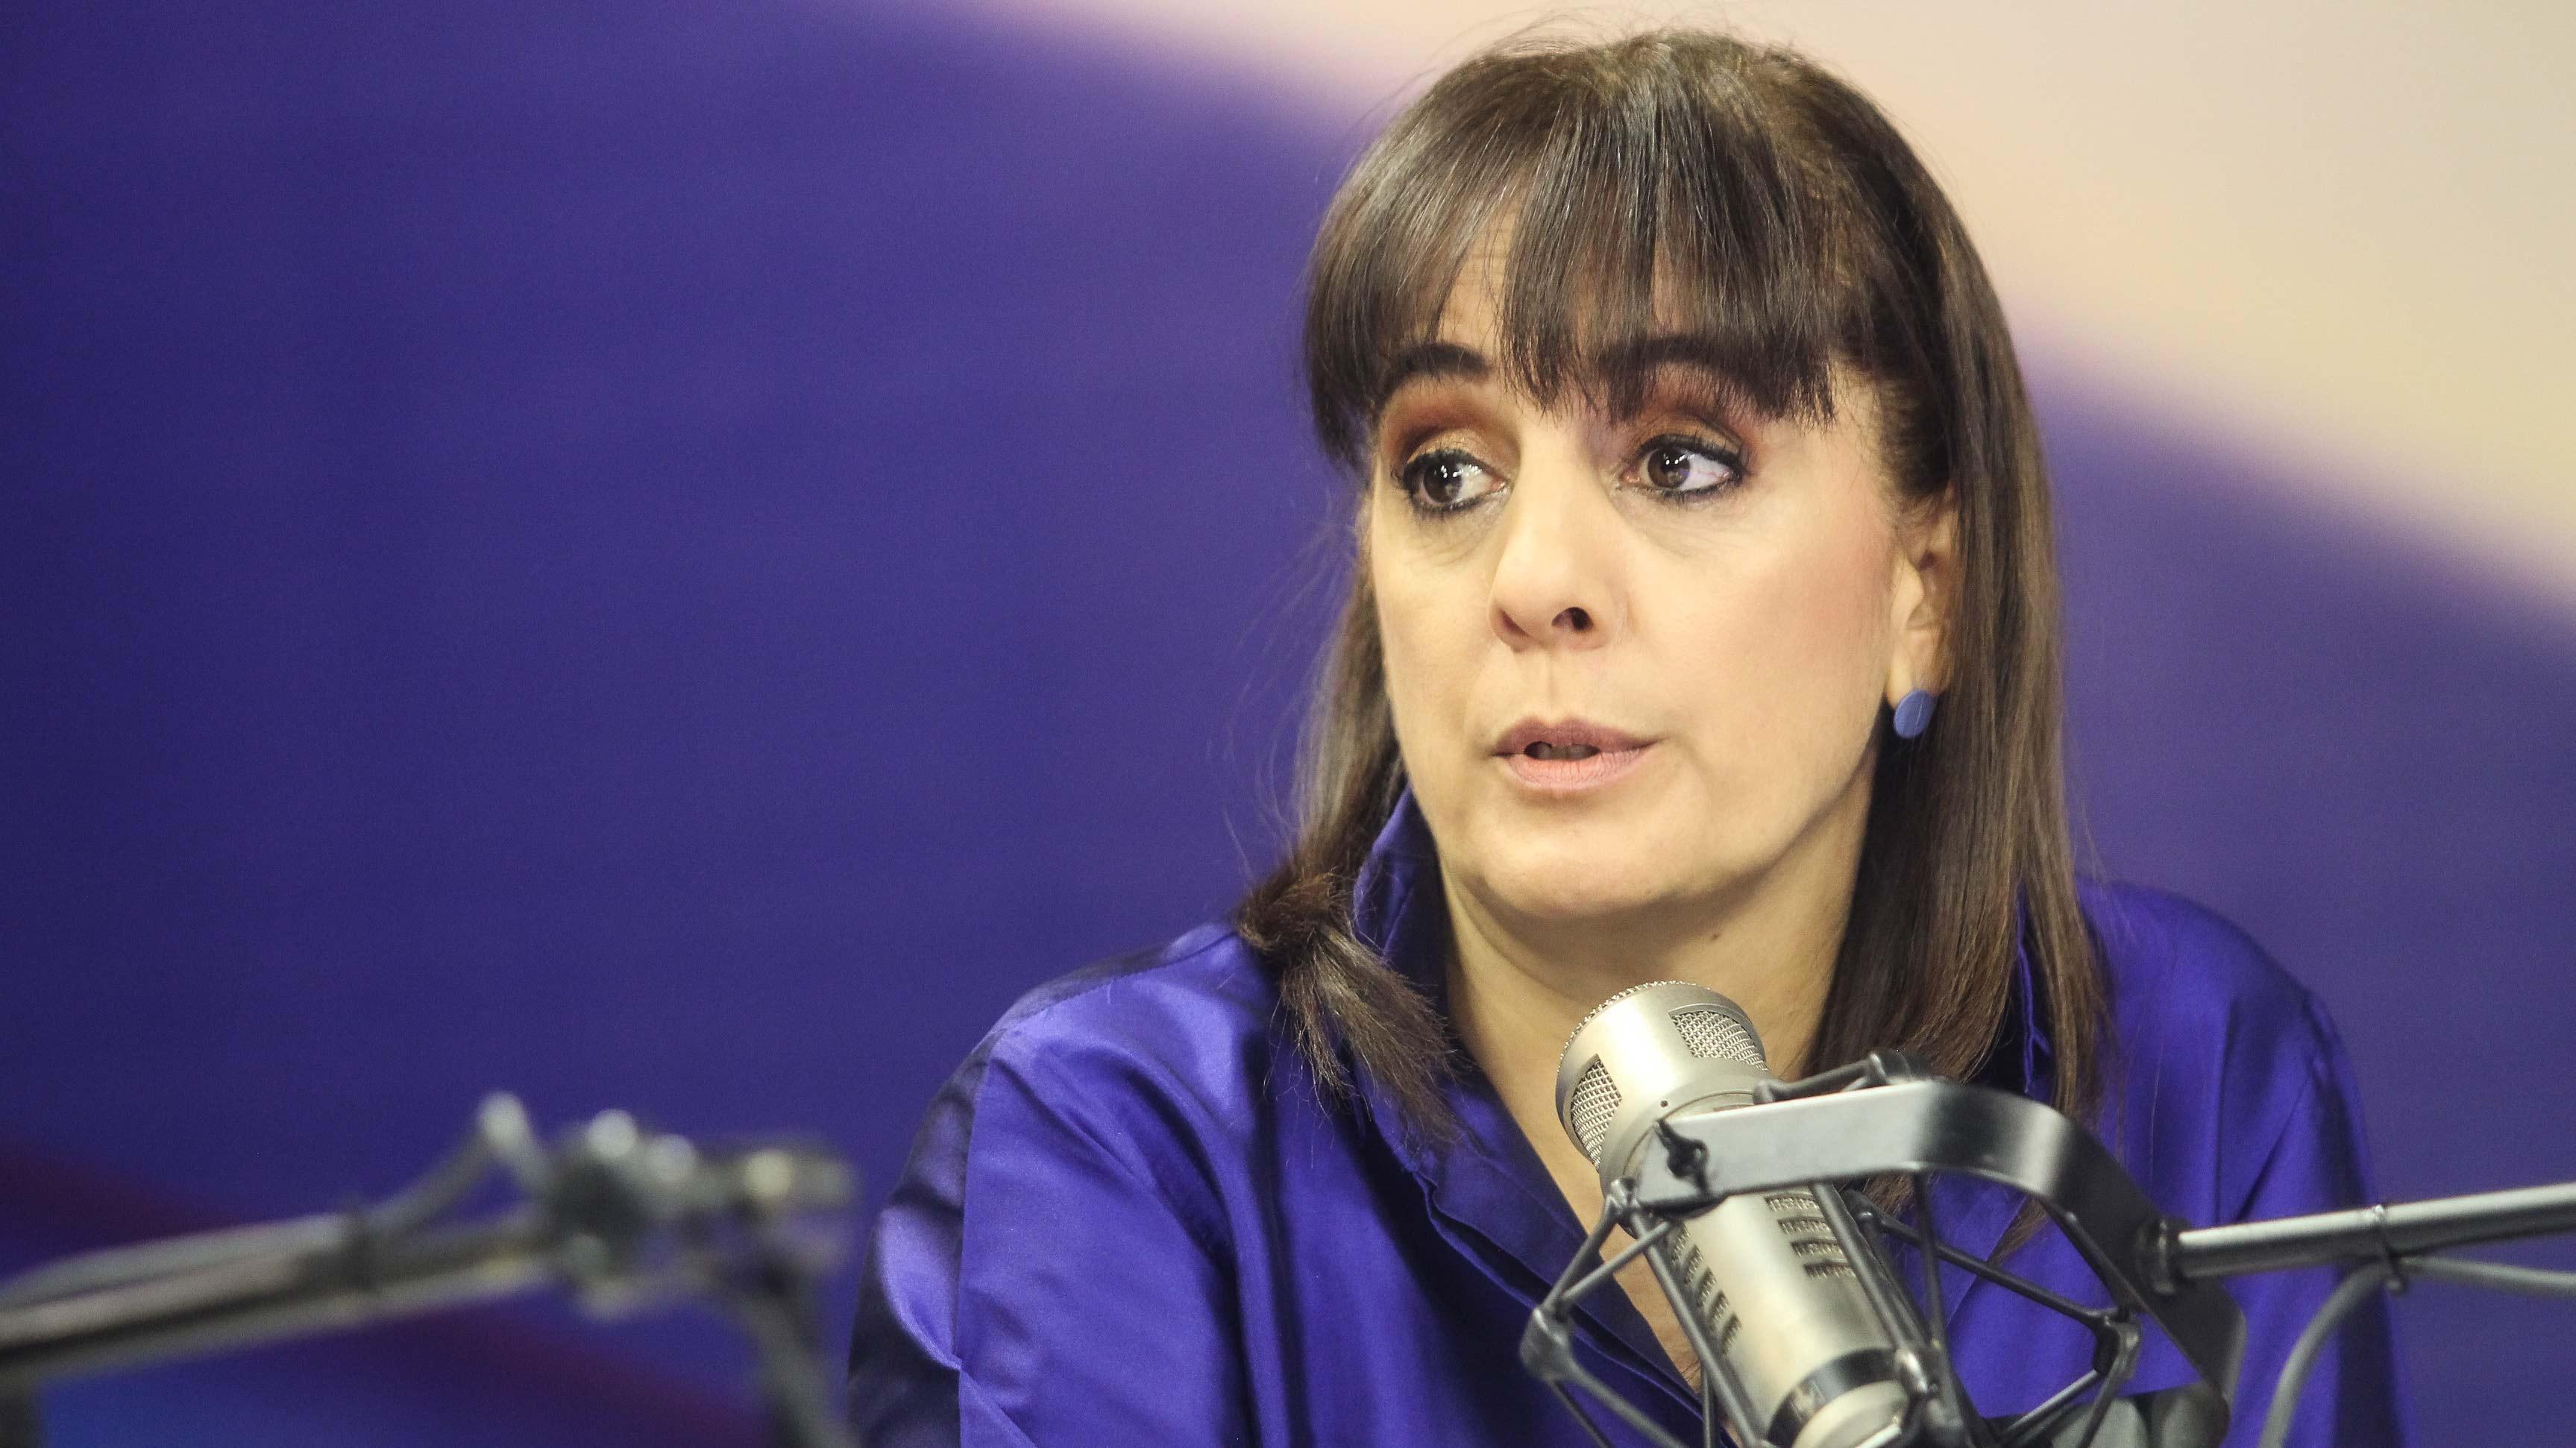 patricia-del-rio-es-la-periodista-radial-mas-influyente-del-pais